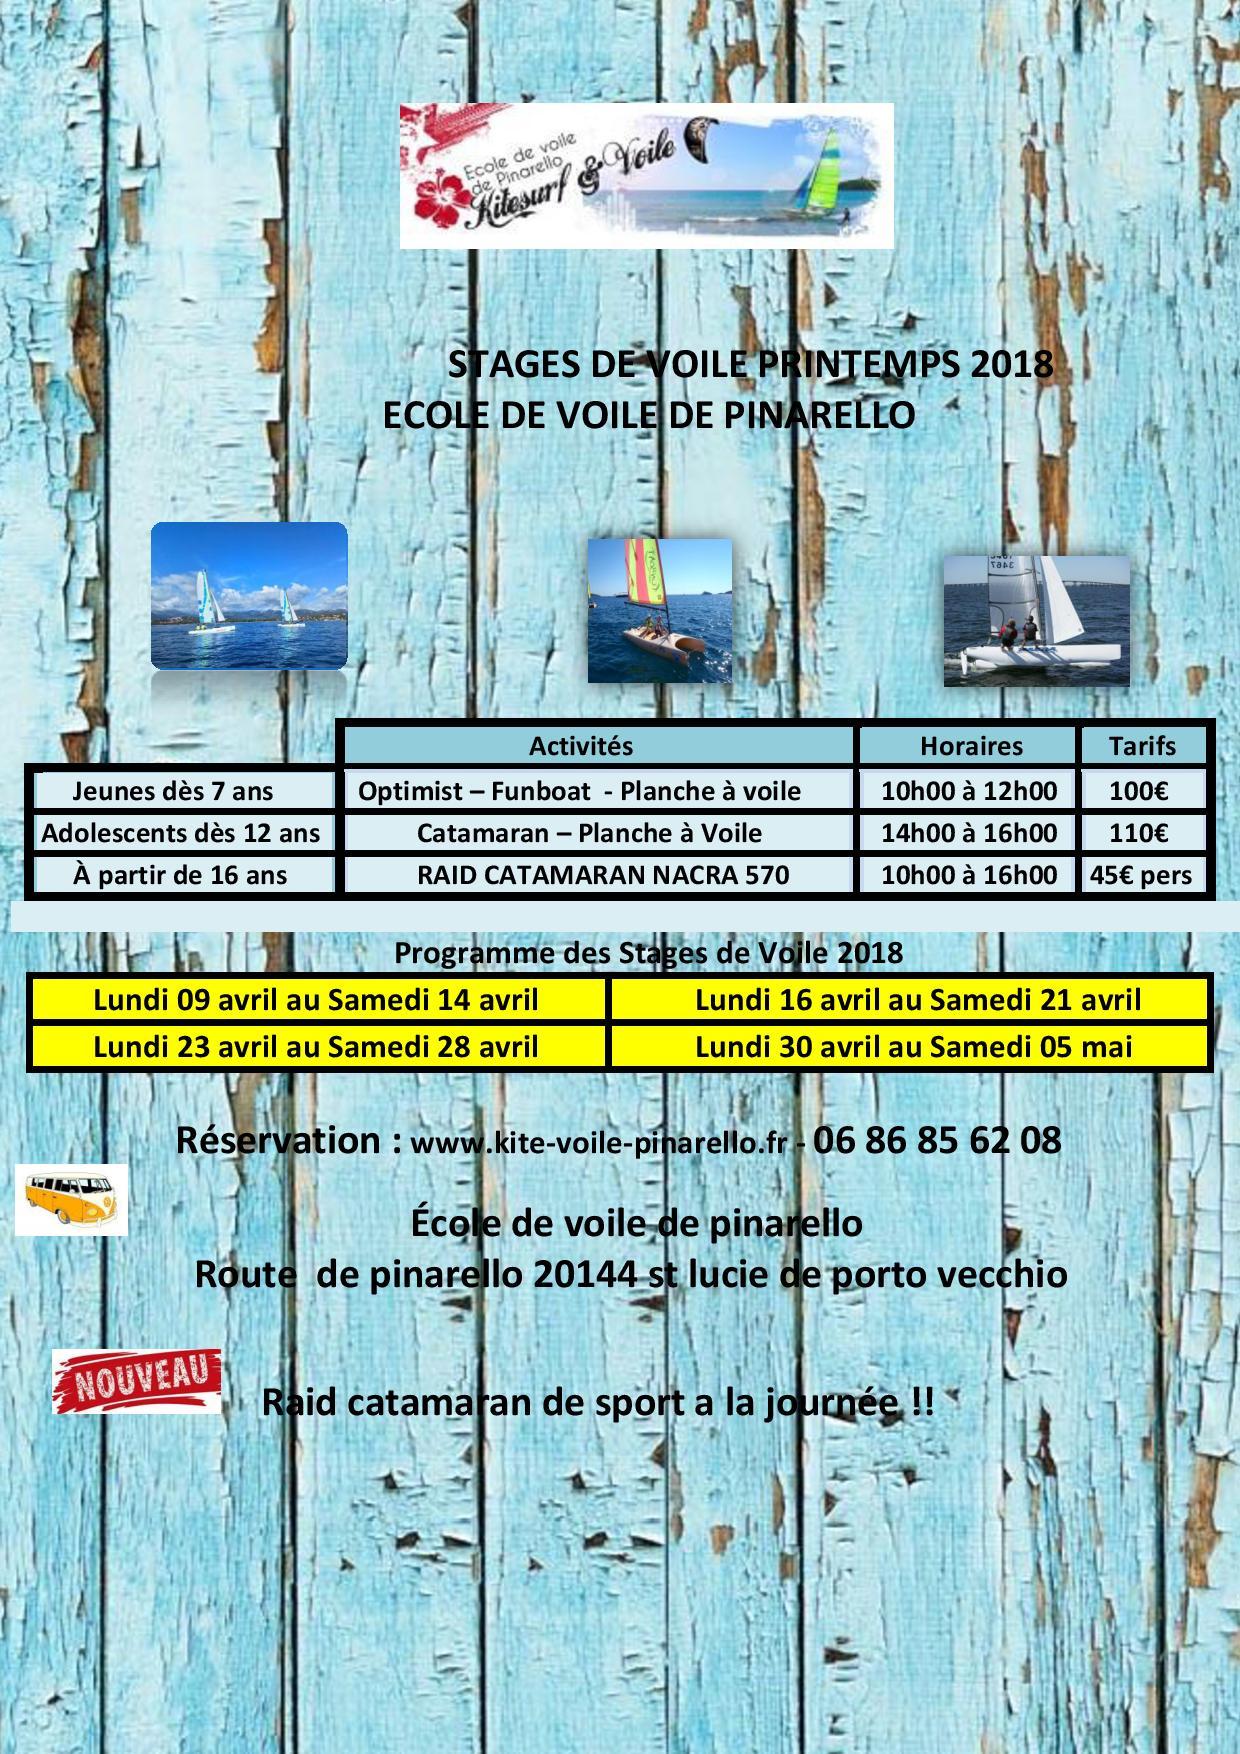 STAGES DE PRINTEMPS VOILE A ECOLE DE VOILE DE PINARELLO-page-001